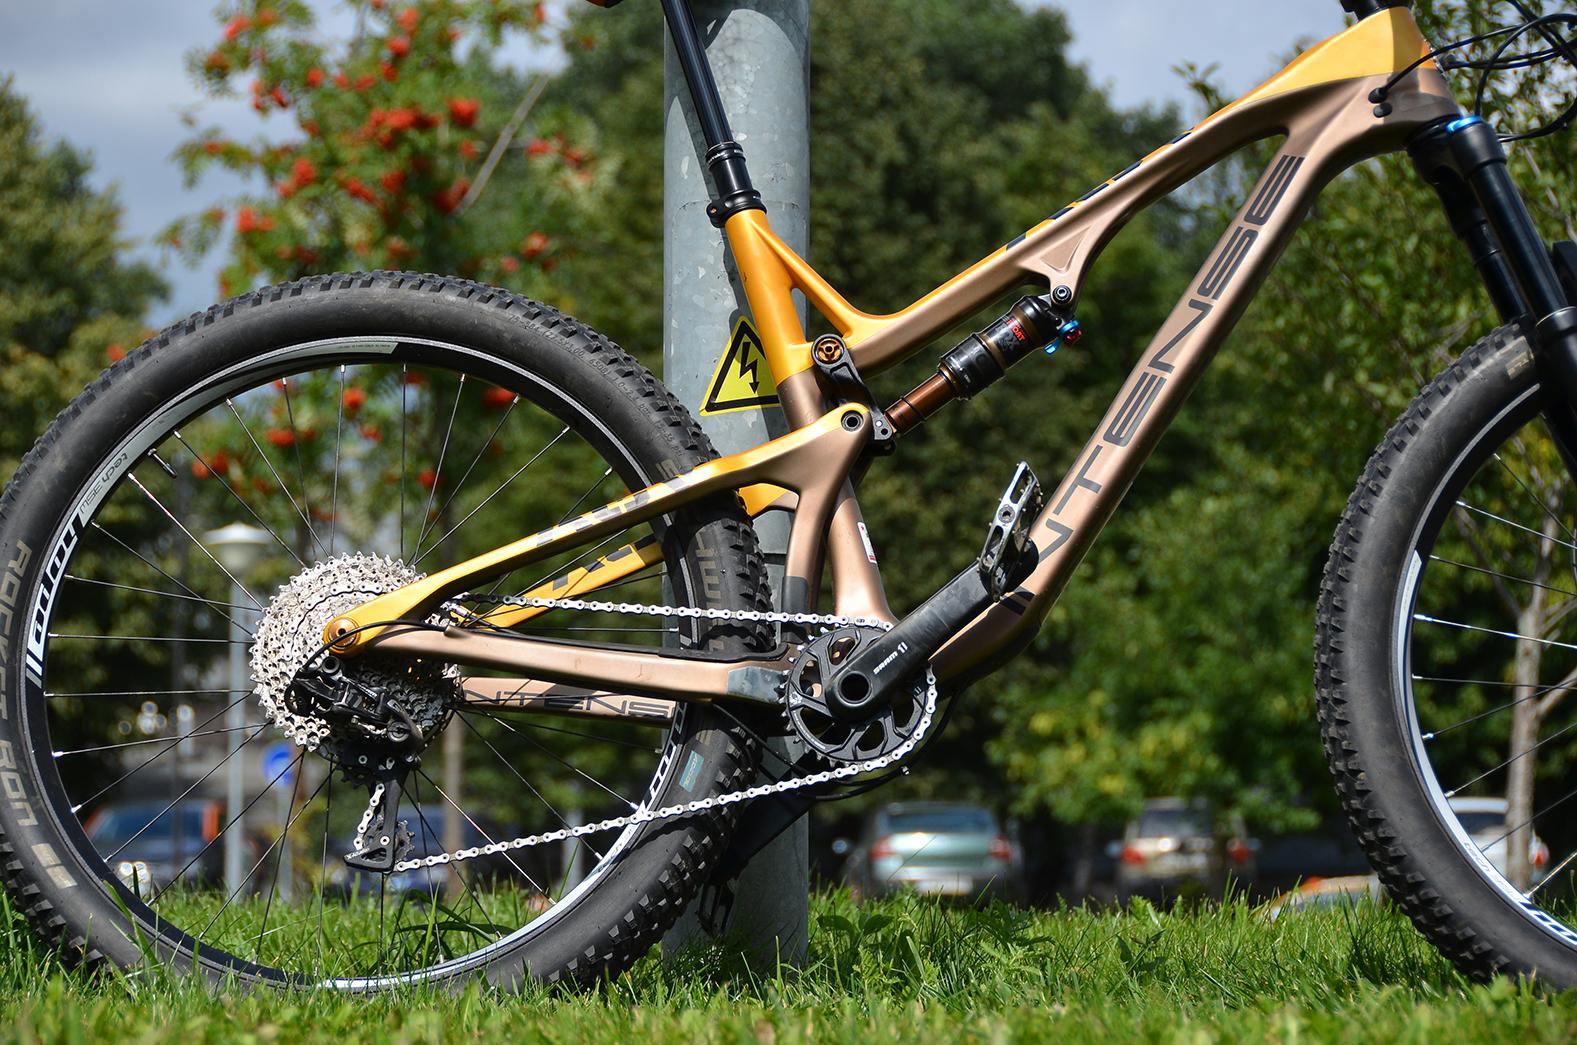 Ремонт цепи велосипеда и натяжителя цепи (2)